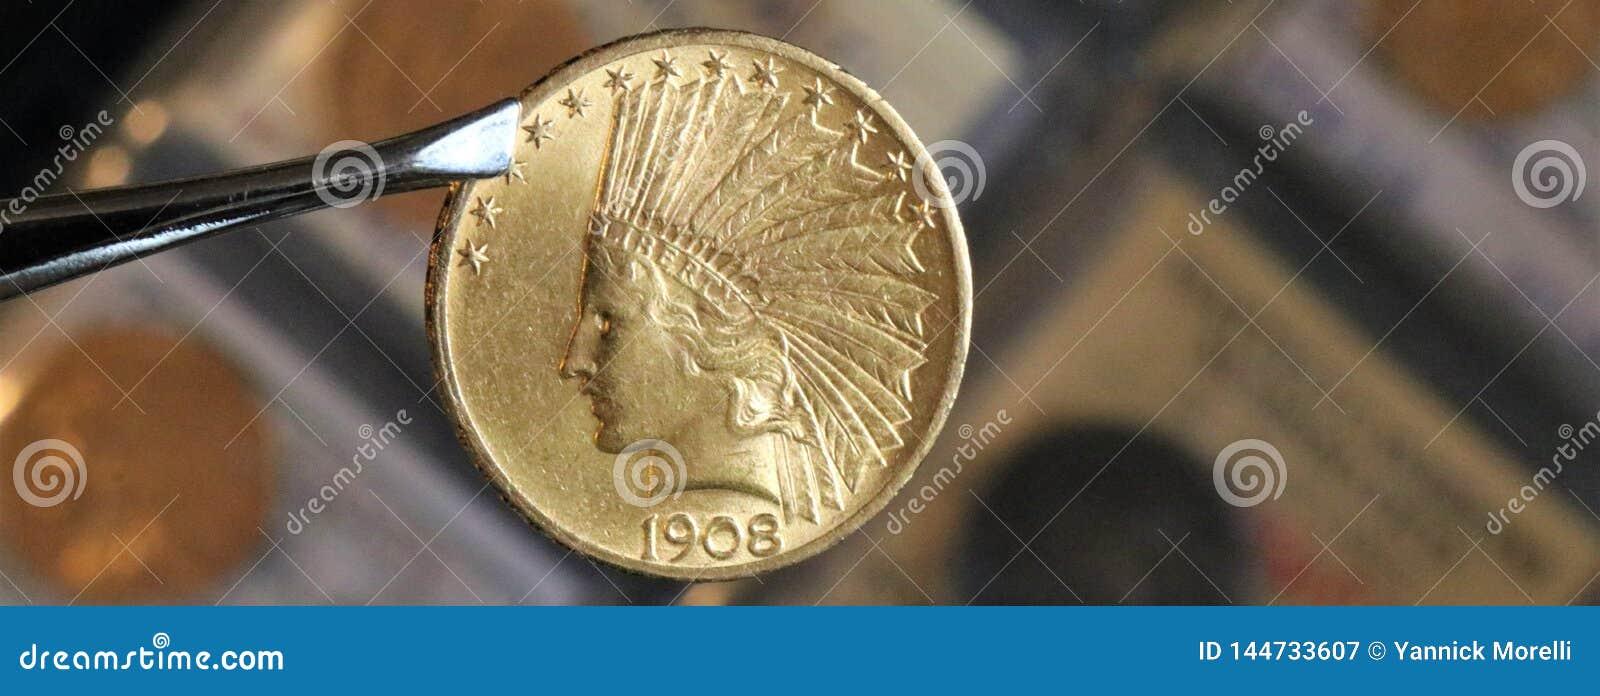 Numismatic на работе показывает некоторые золотые монеты